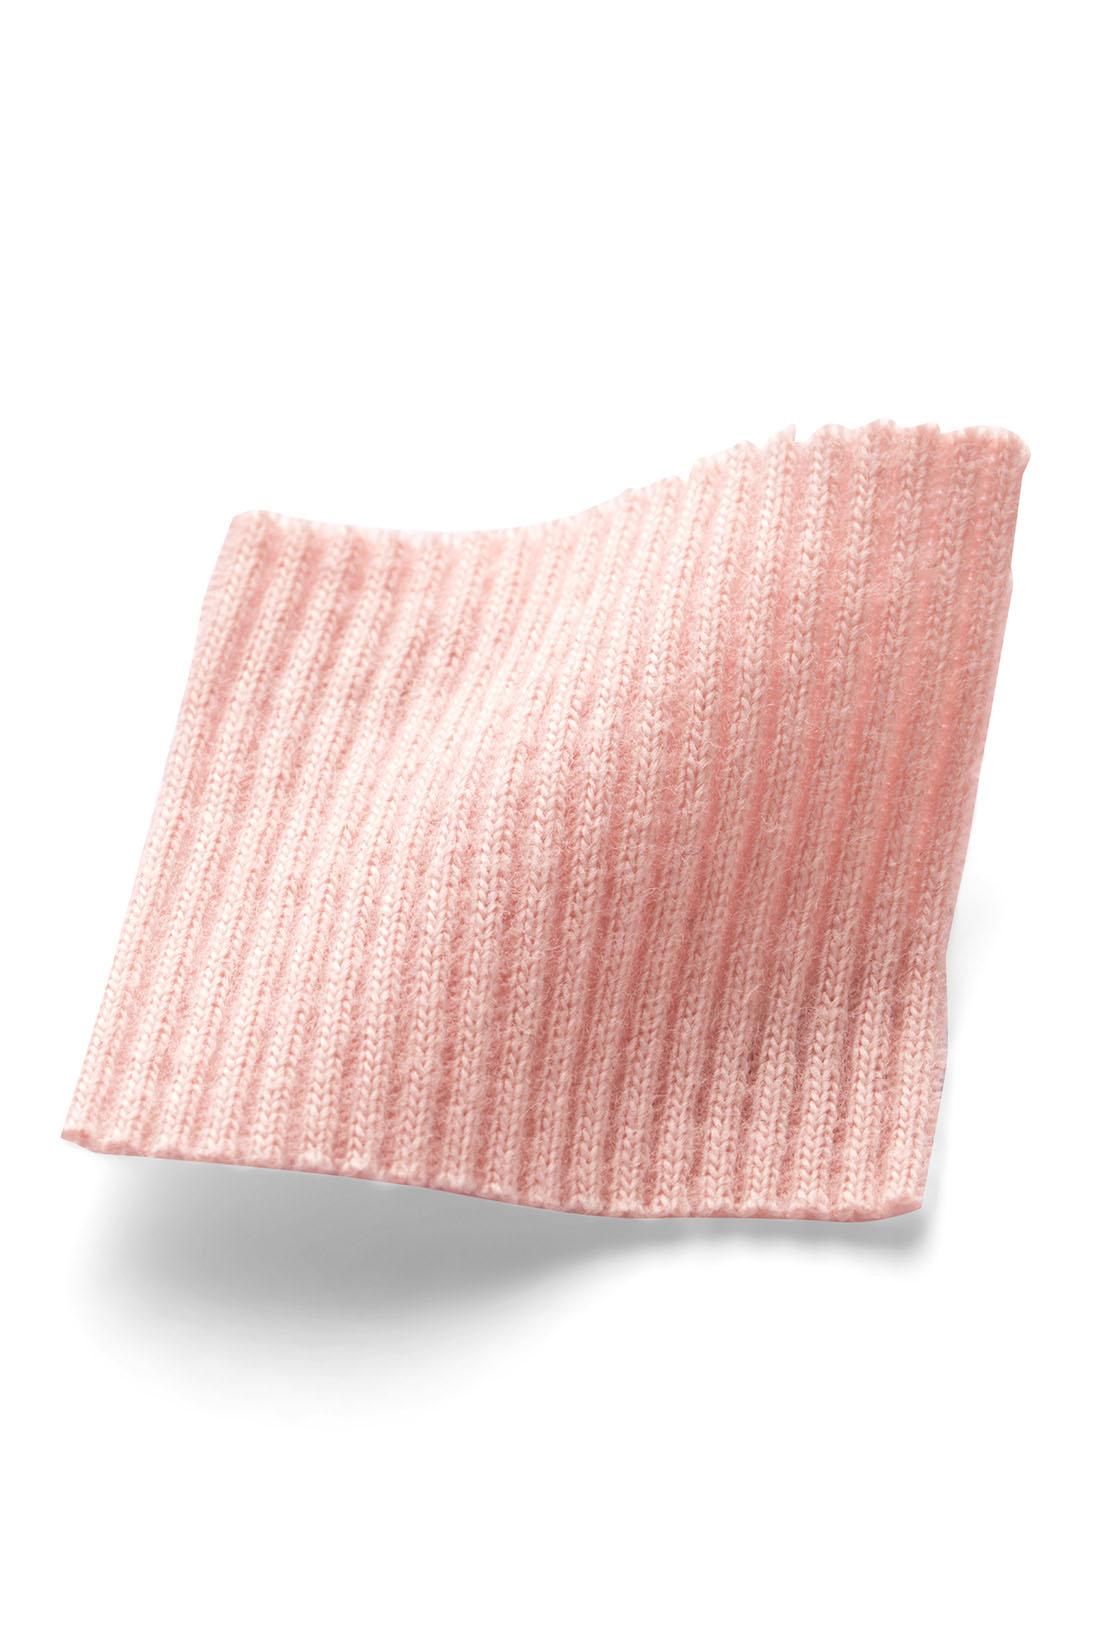 とろんとした落ち感のある綿モダール(R)素材で、ふんわりやわらかい肌ざわり。テレコリブ編みでボディーにやさしくフィットして快適。